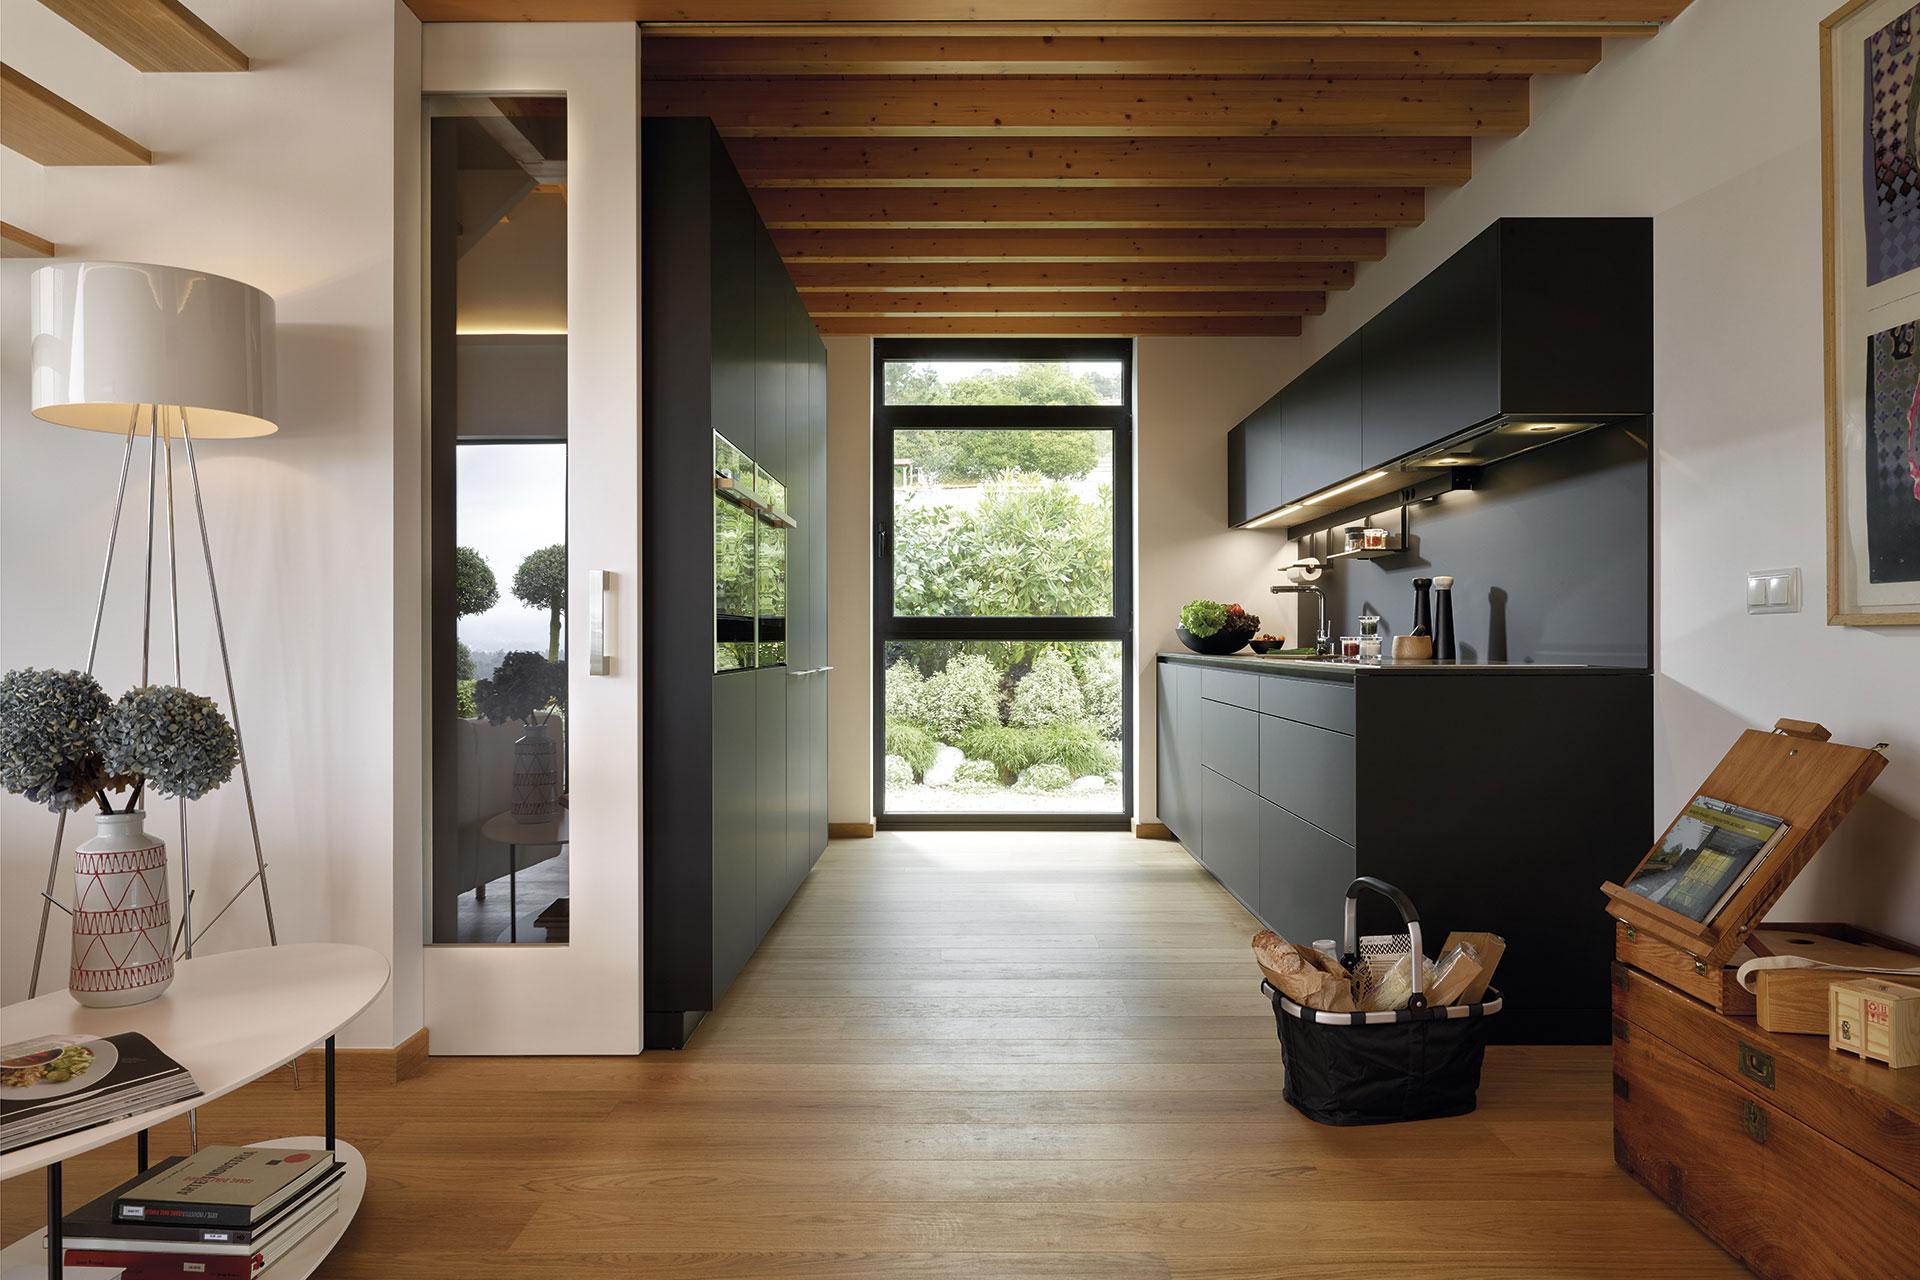 Madera para suelos interiores cheap madera para suelos interiores with madera para suelos - Suelos madera interior ...